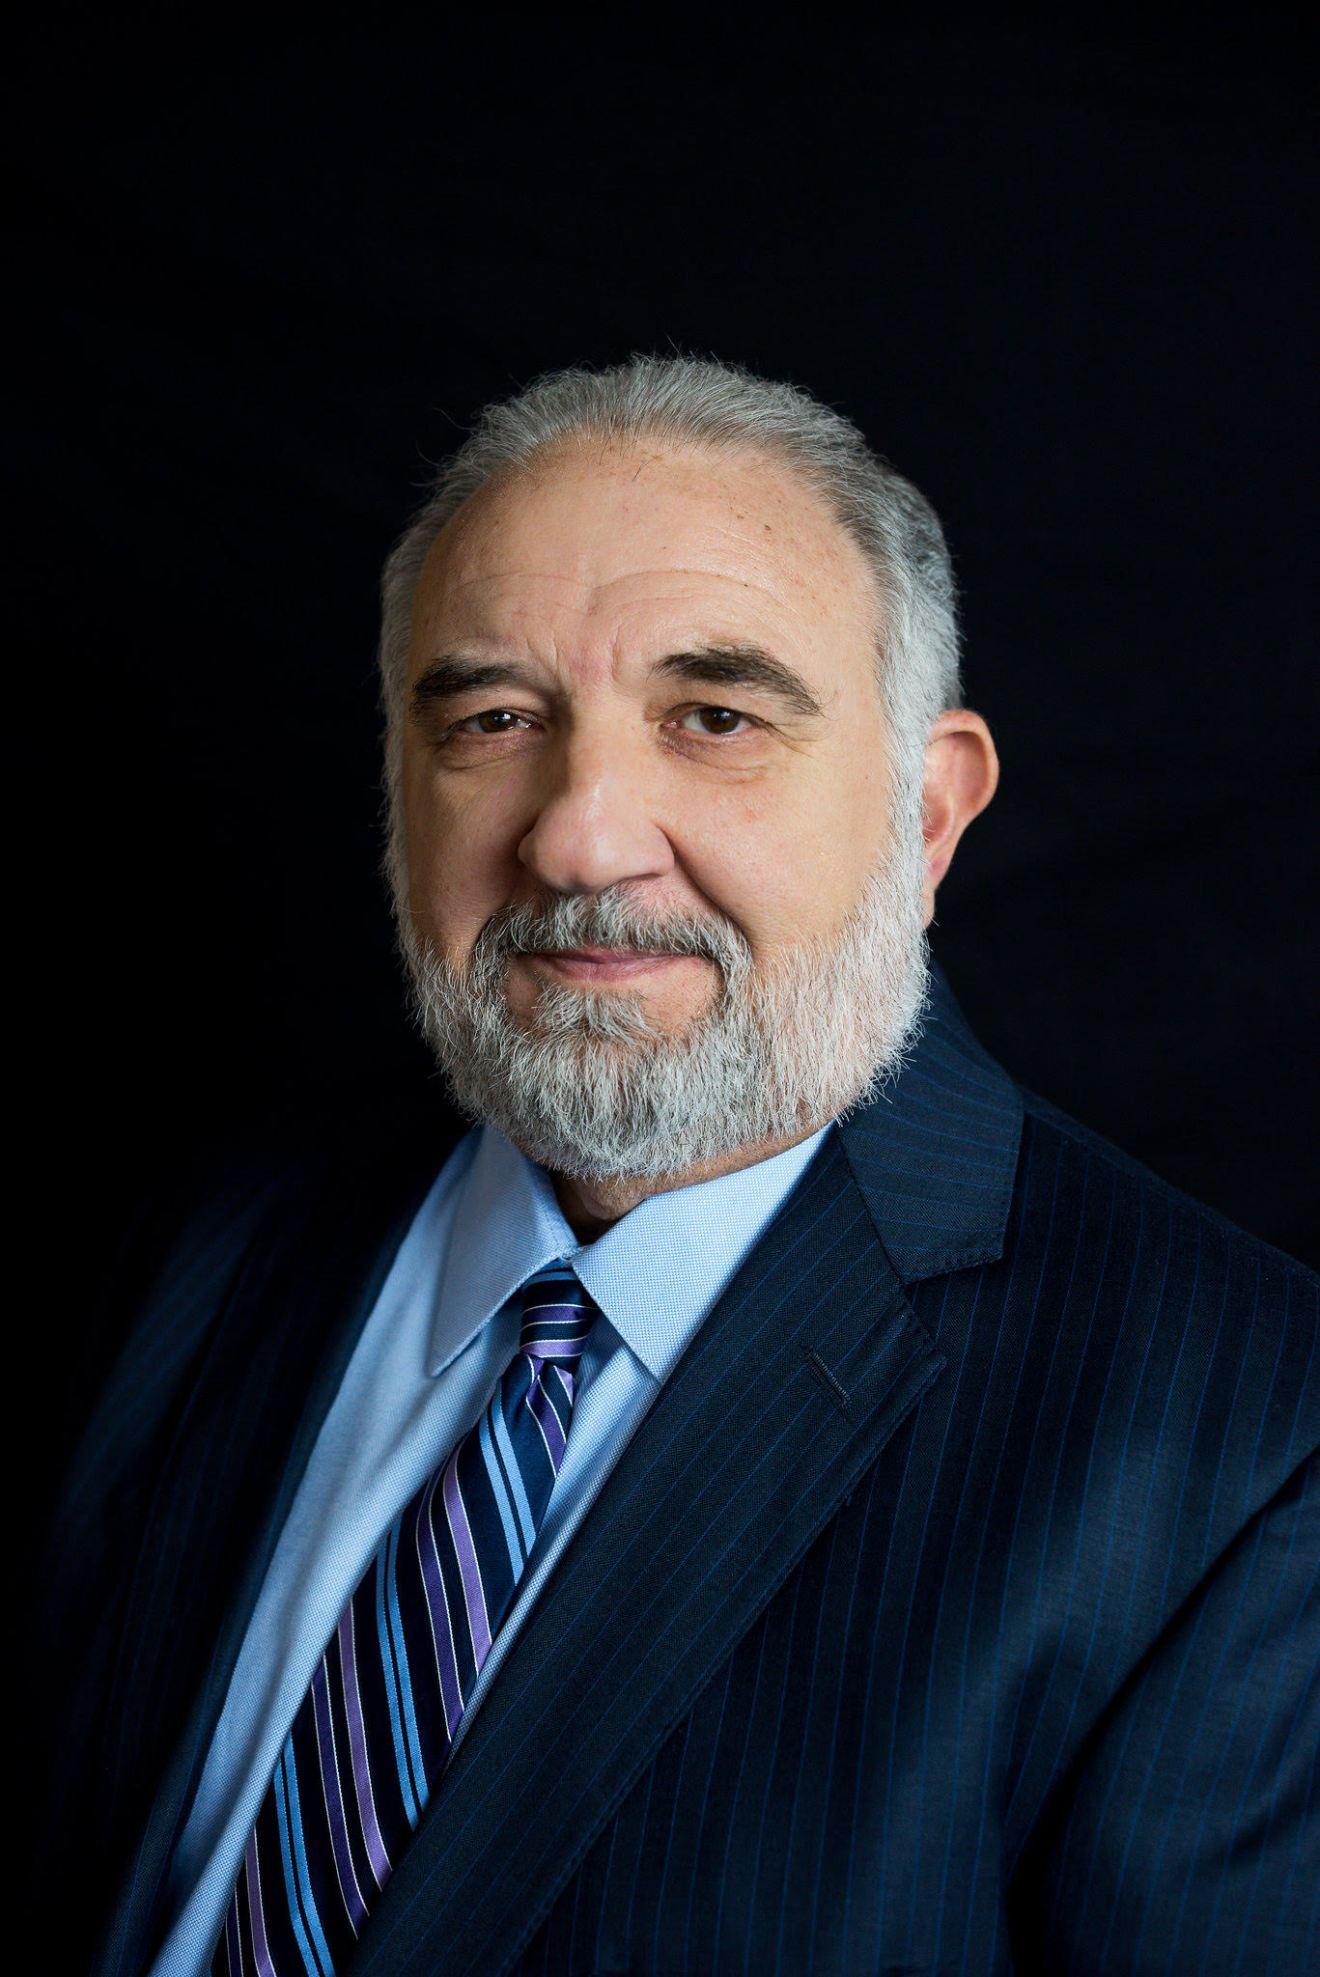 Joseph Indelicato